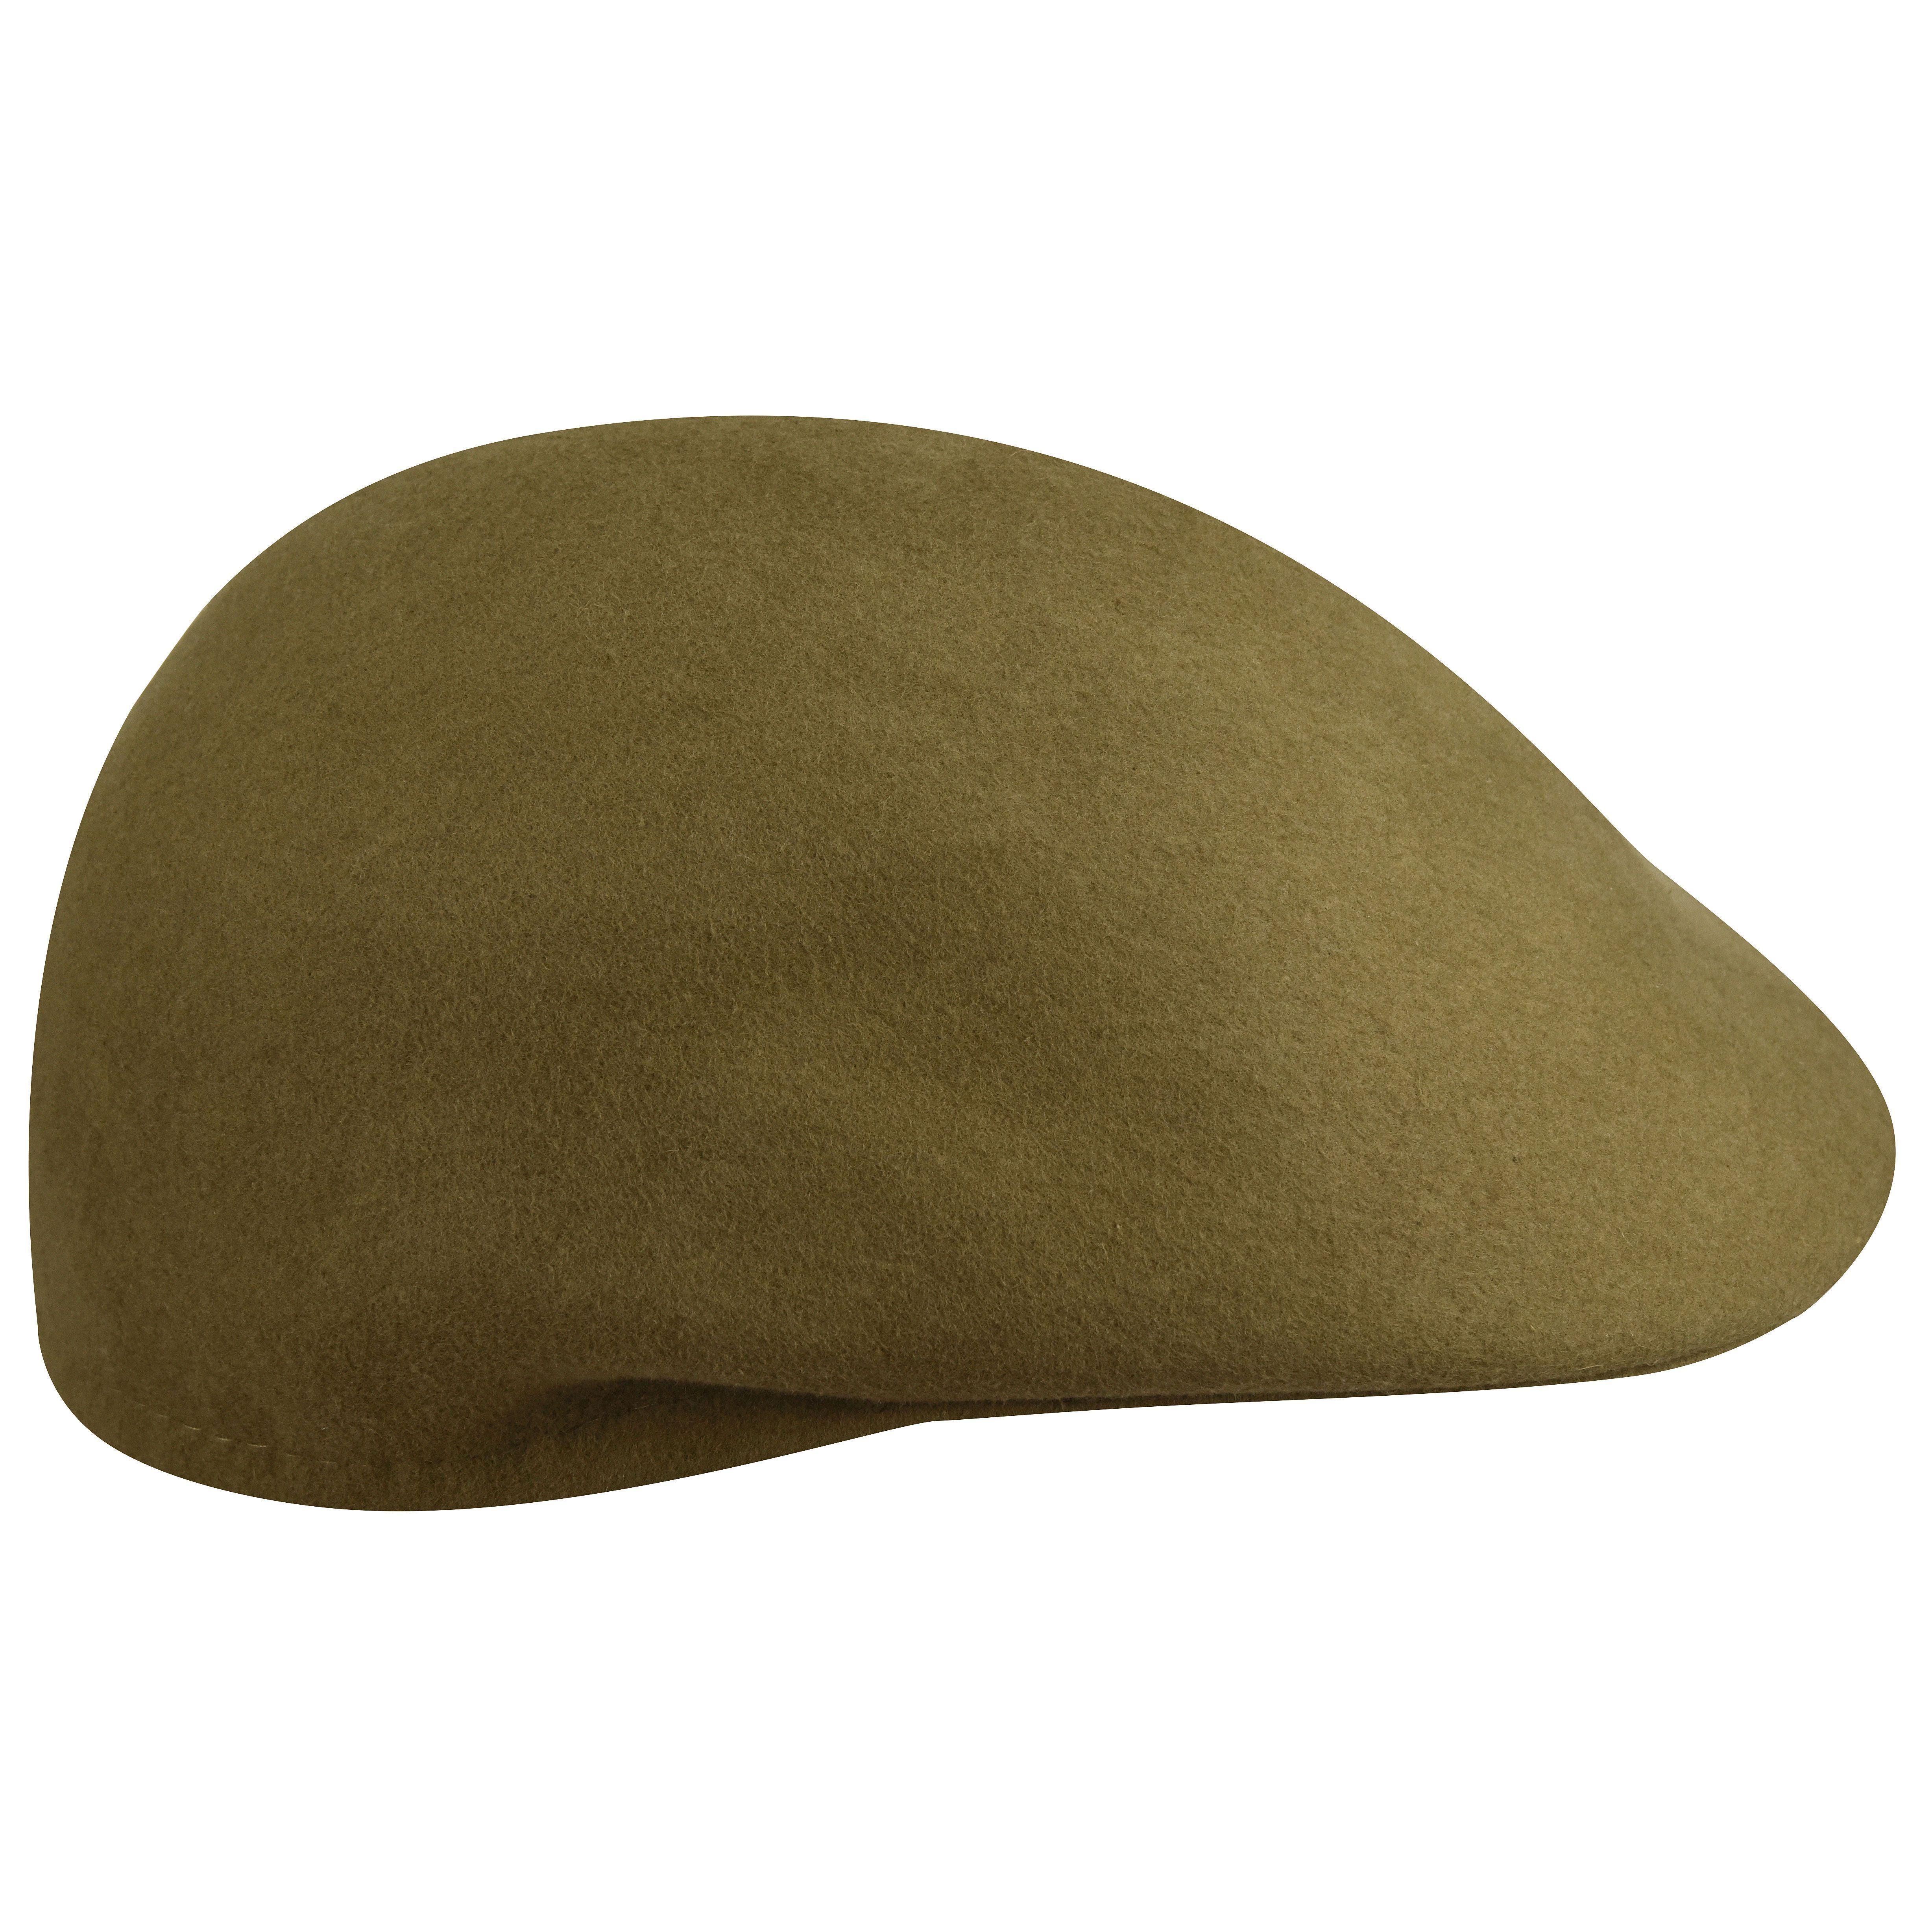 0489968d Cuffley Cap   Country Gentleman   Hats, Gentleman style, Cap